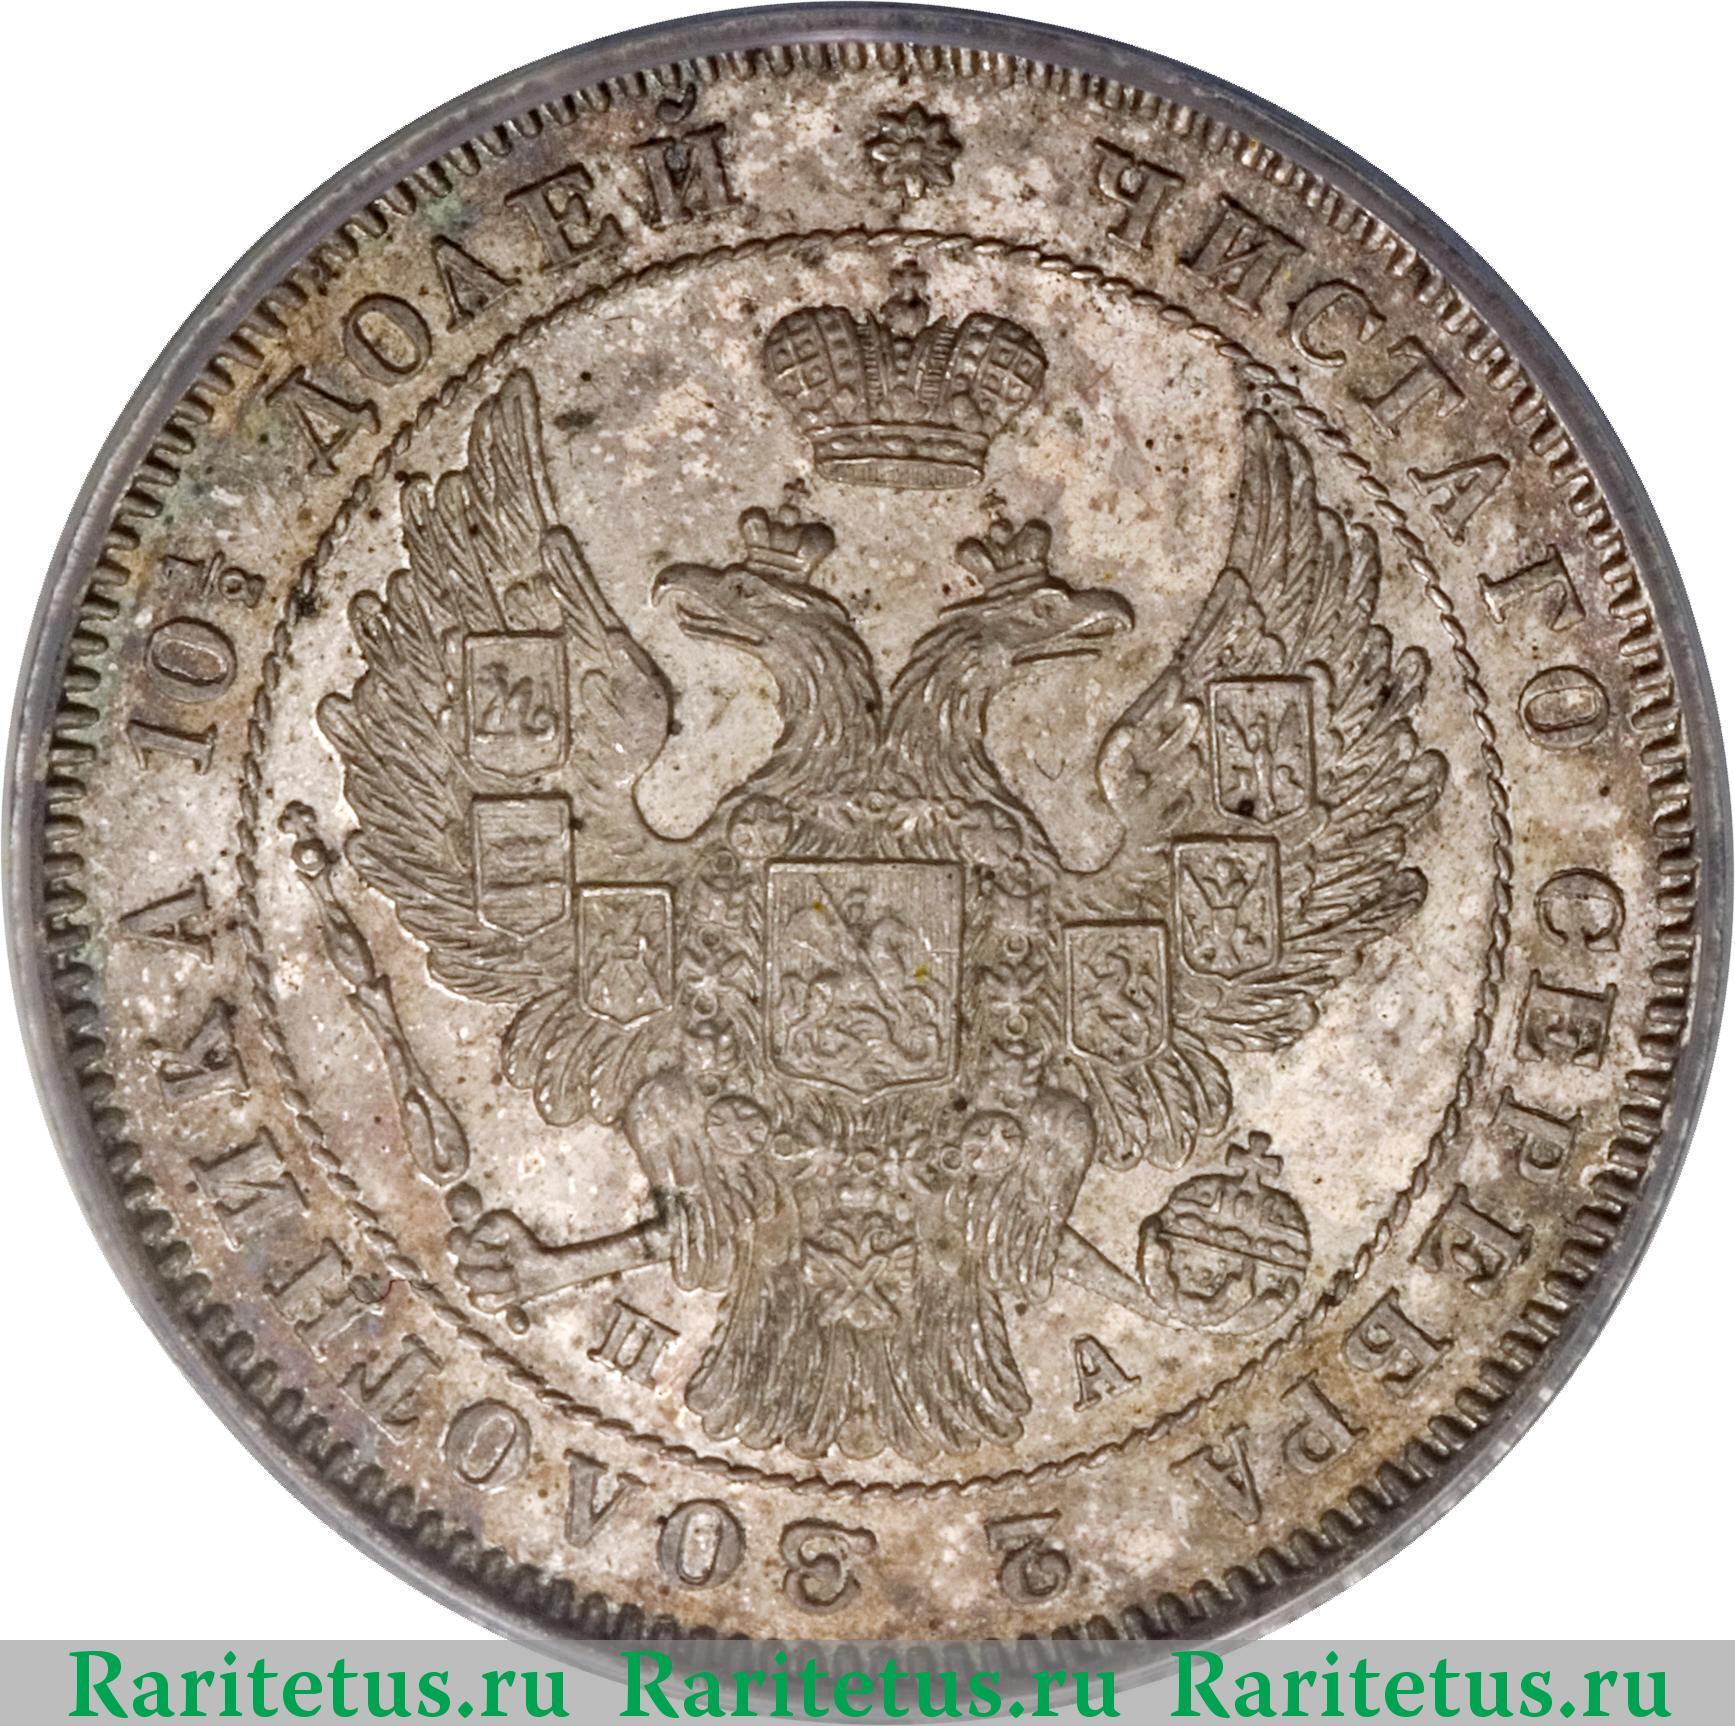 Монеты 1847 года стоимость витторио эммануэле ii